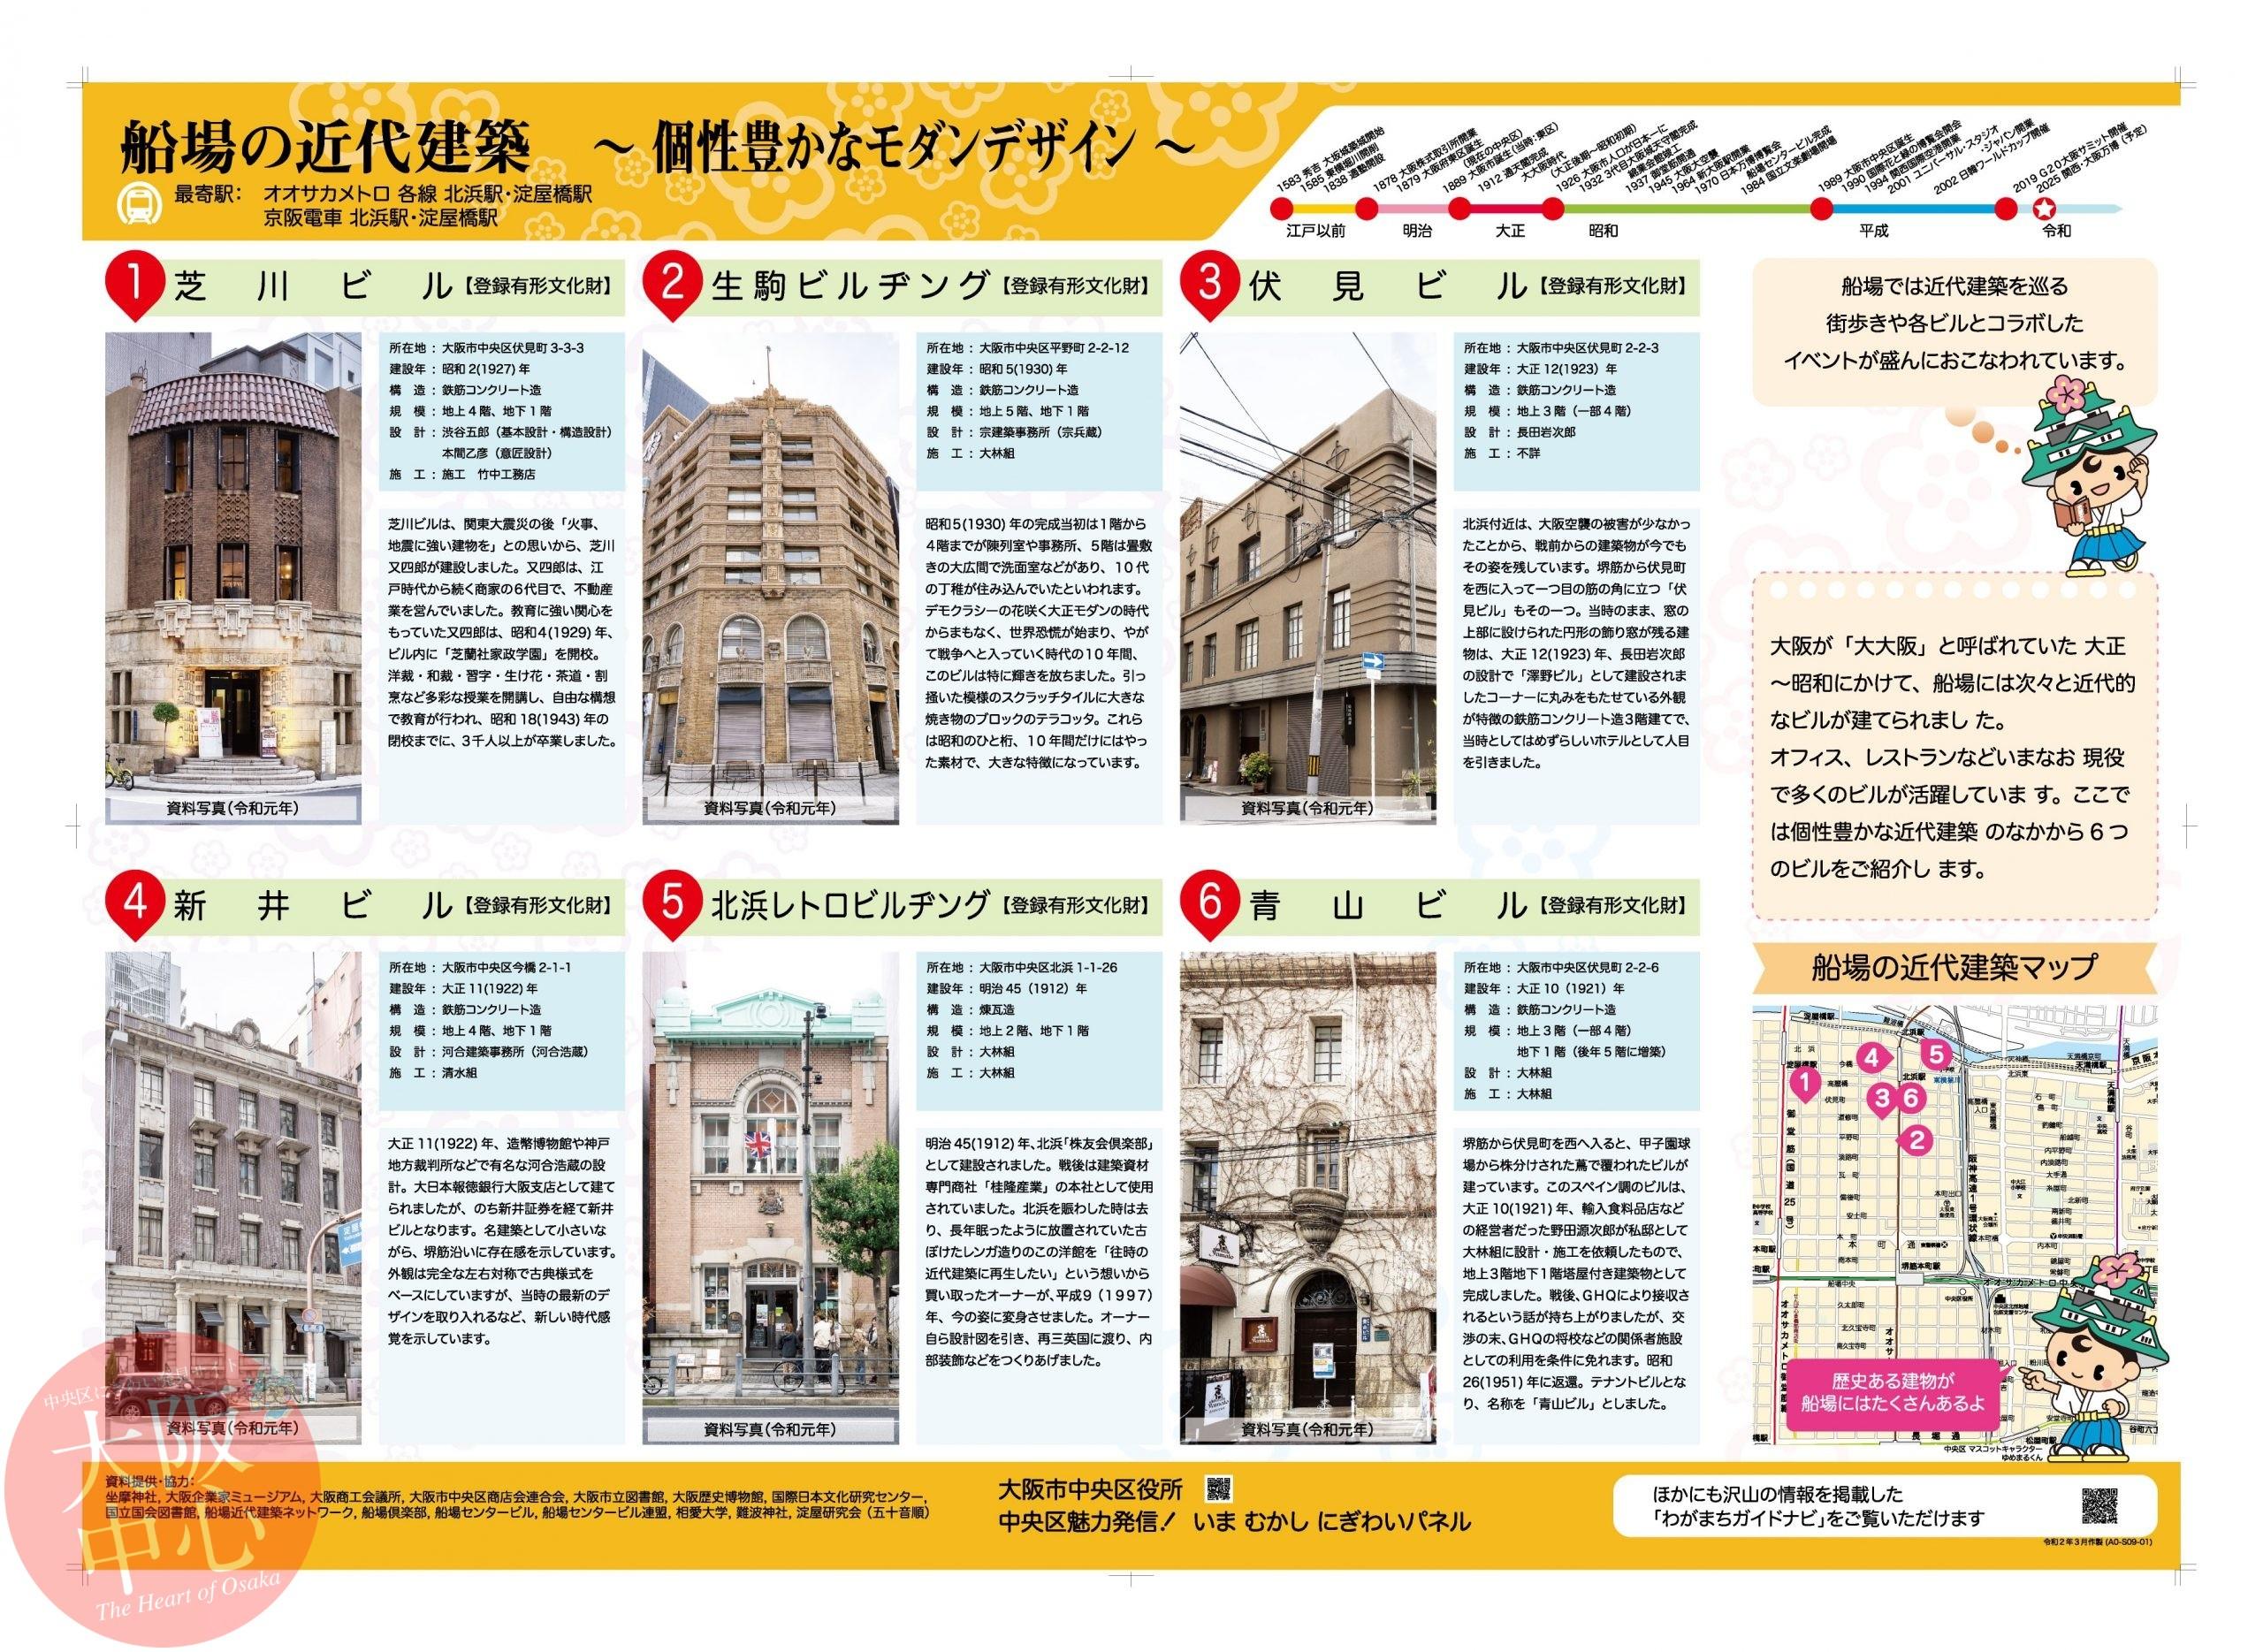 船場と近代建築 〜個性豊かなモダンデザイン〜